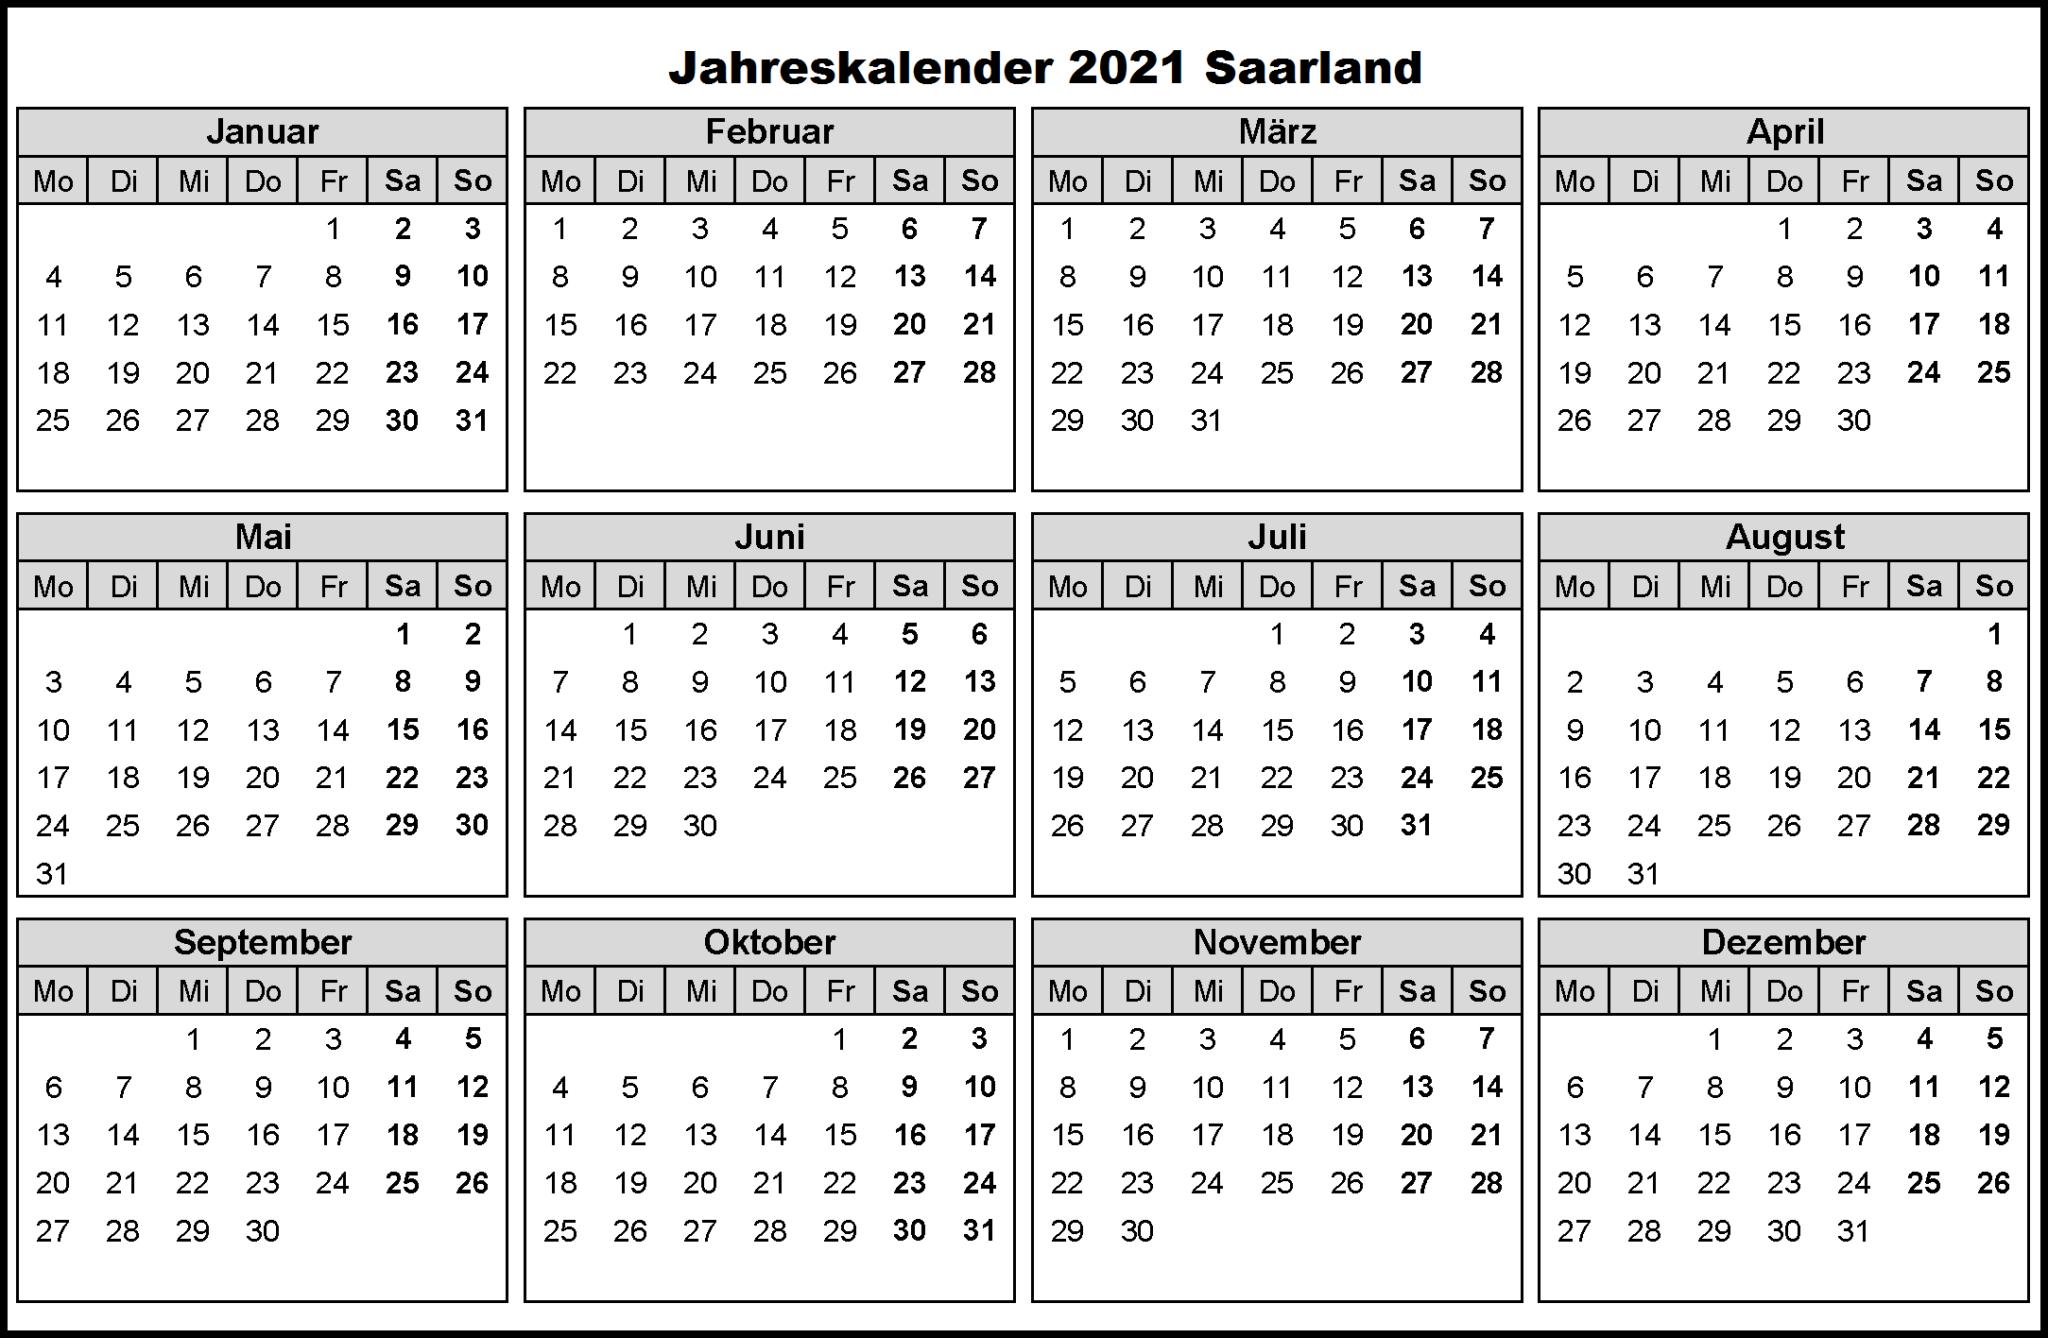 Jahreskalender 2021 Saarland Mit Ferien und Feiertagen ...